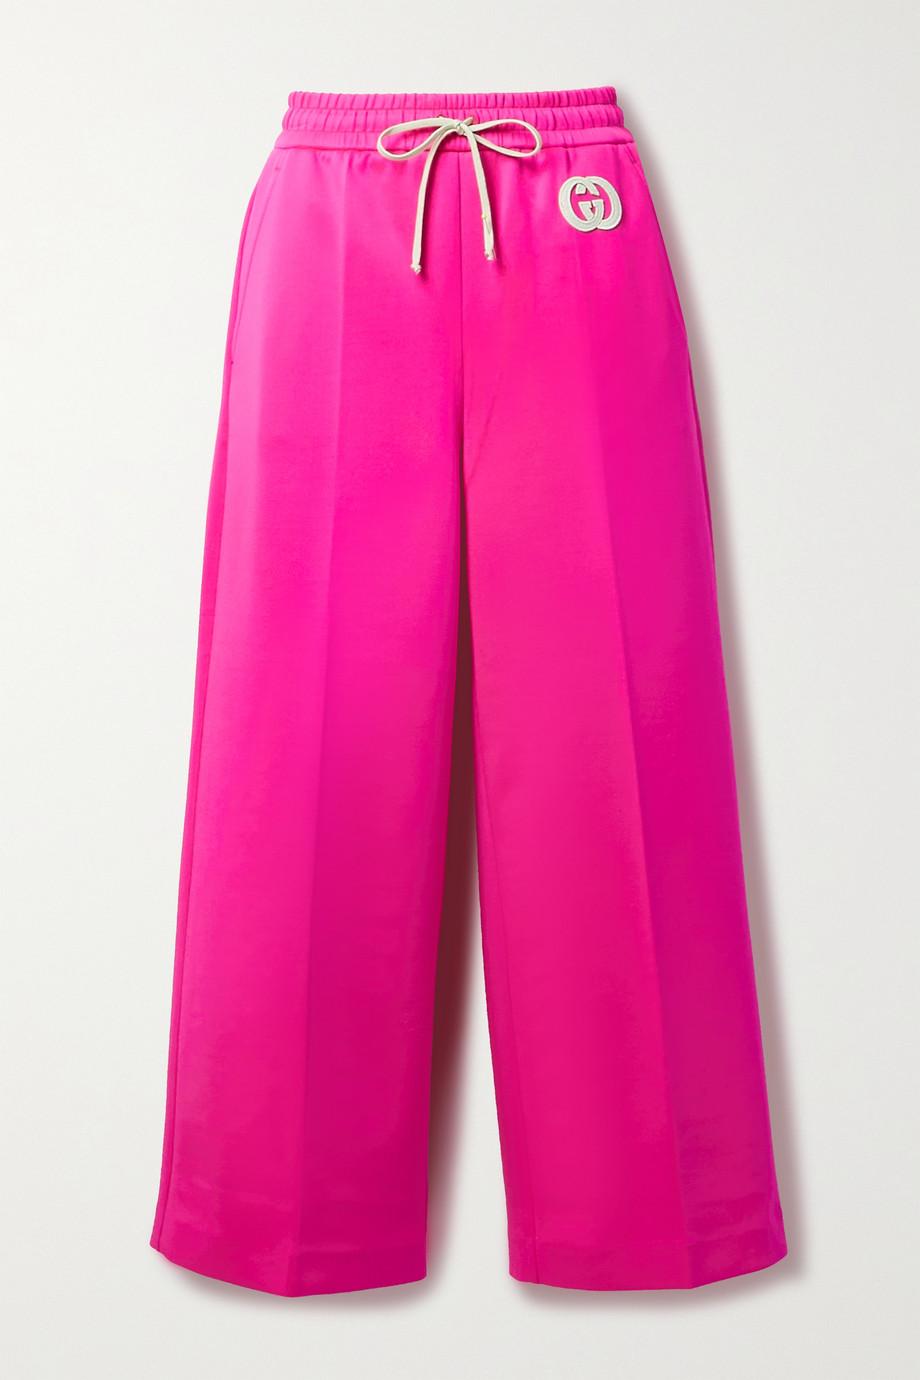 Gucci Verkürzte Jogginghose mit weitem Bein aus neonfarbenem Stretch-Jersey mit Applikation